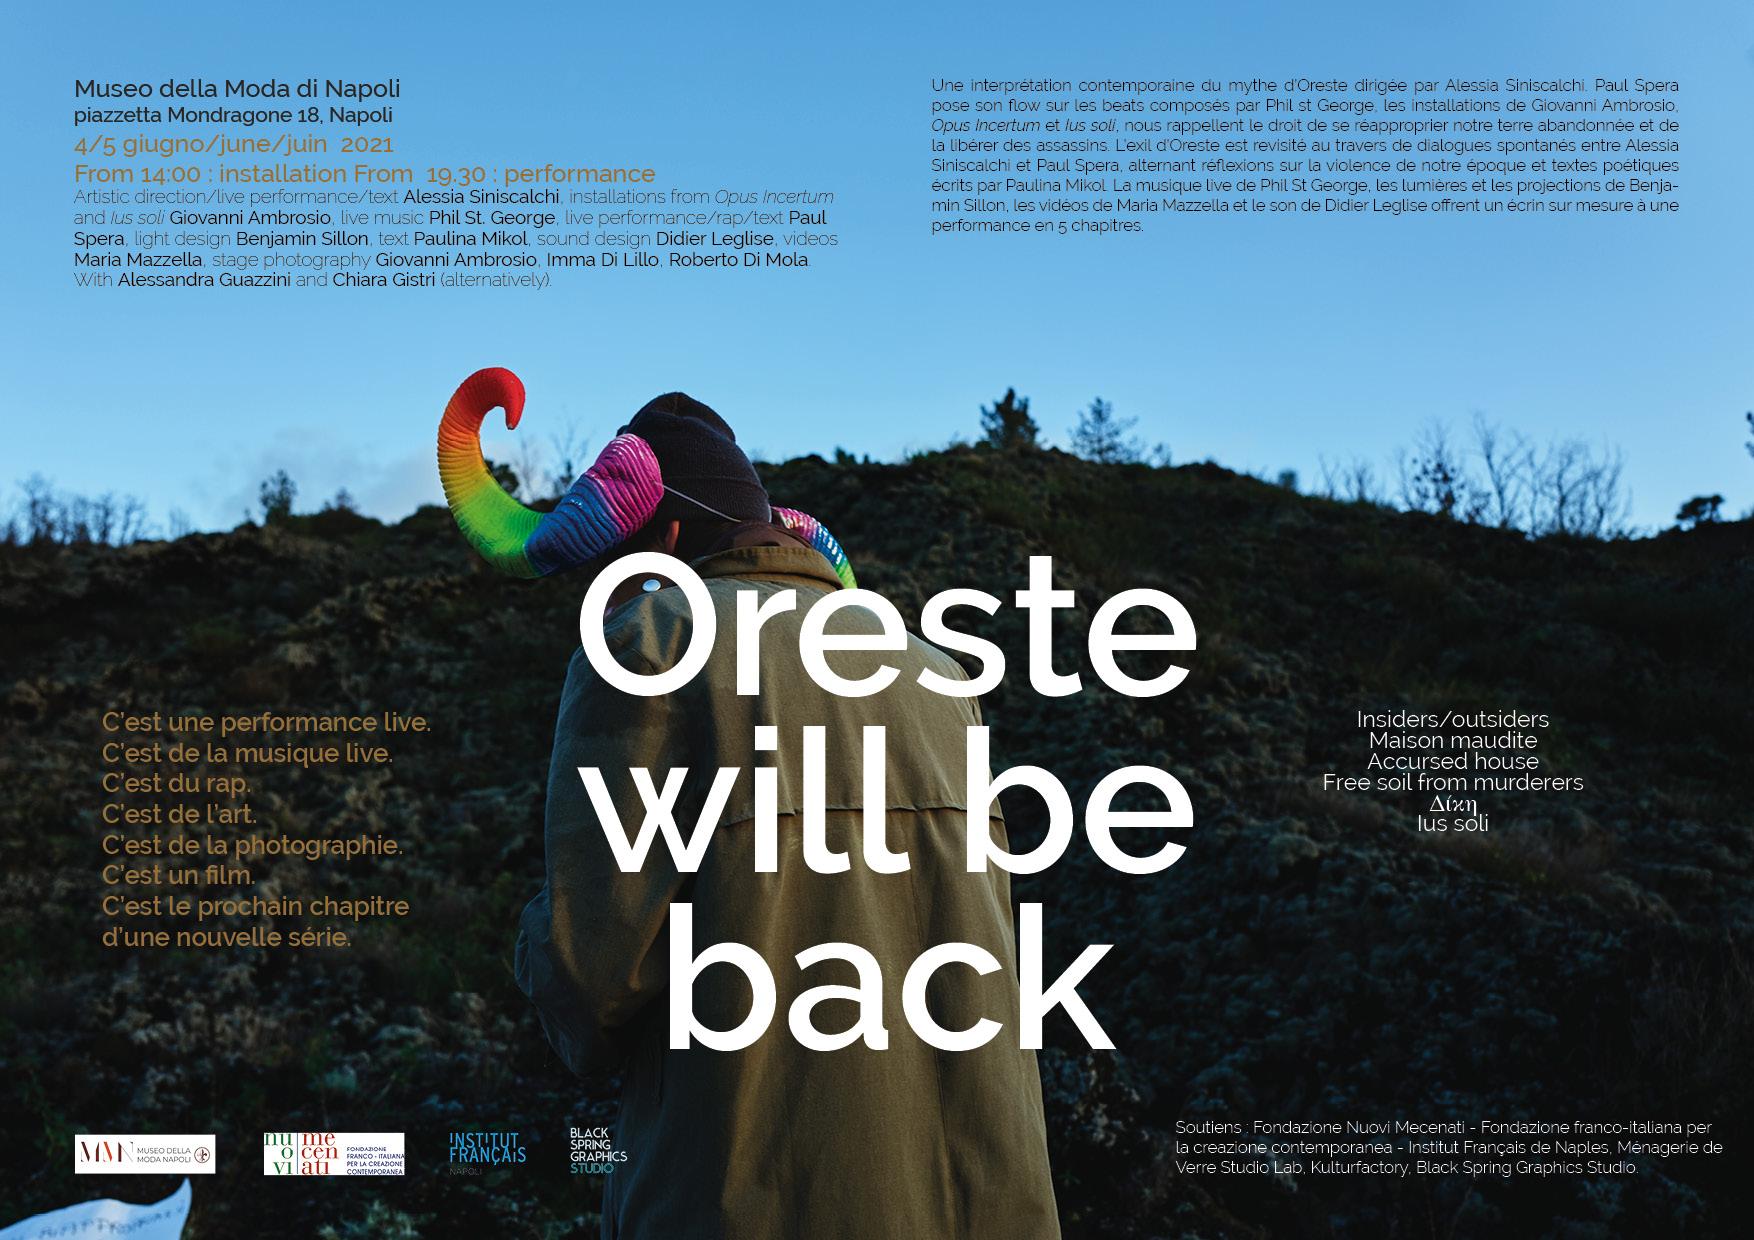 Ius Soli and Opus incertum in Oreste will back